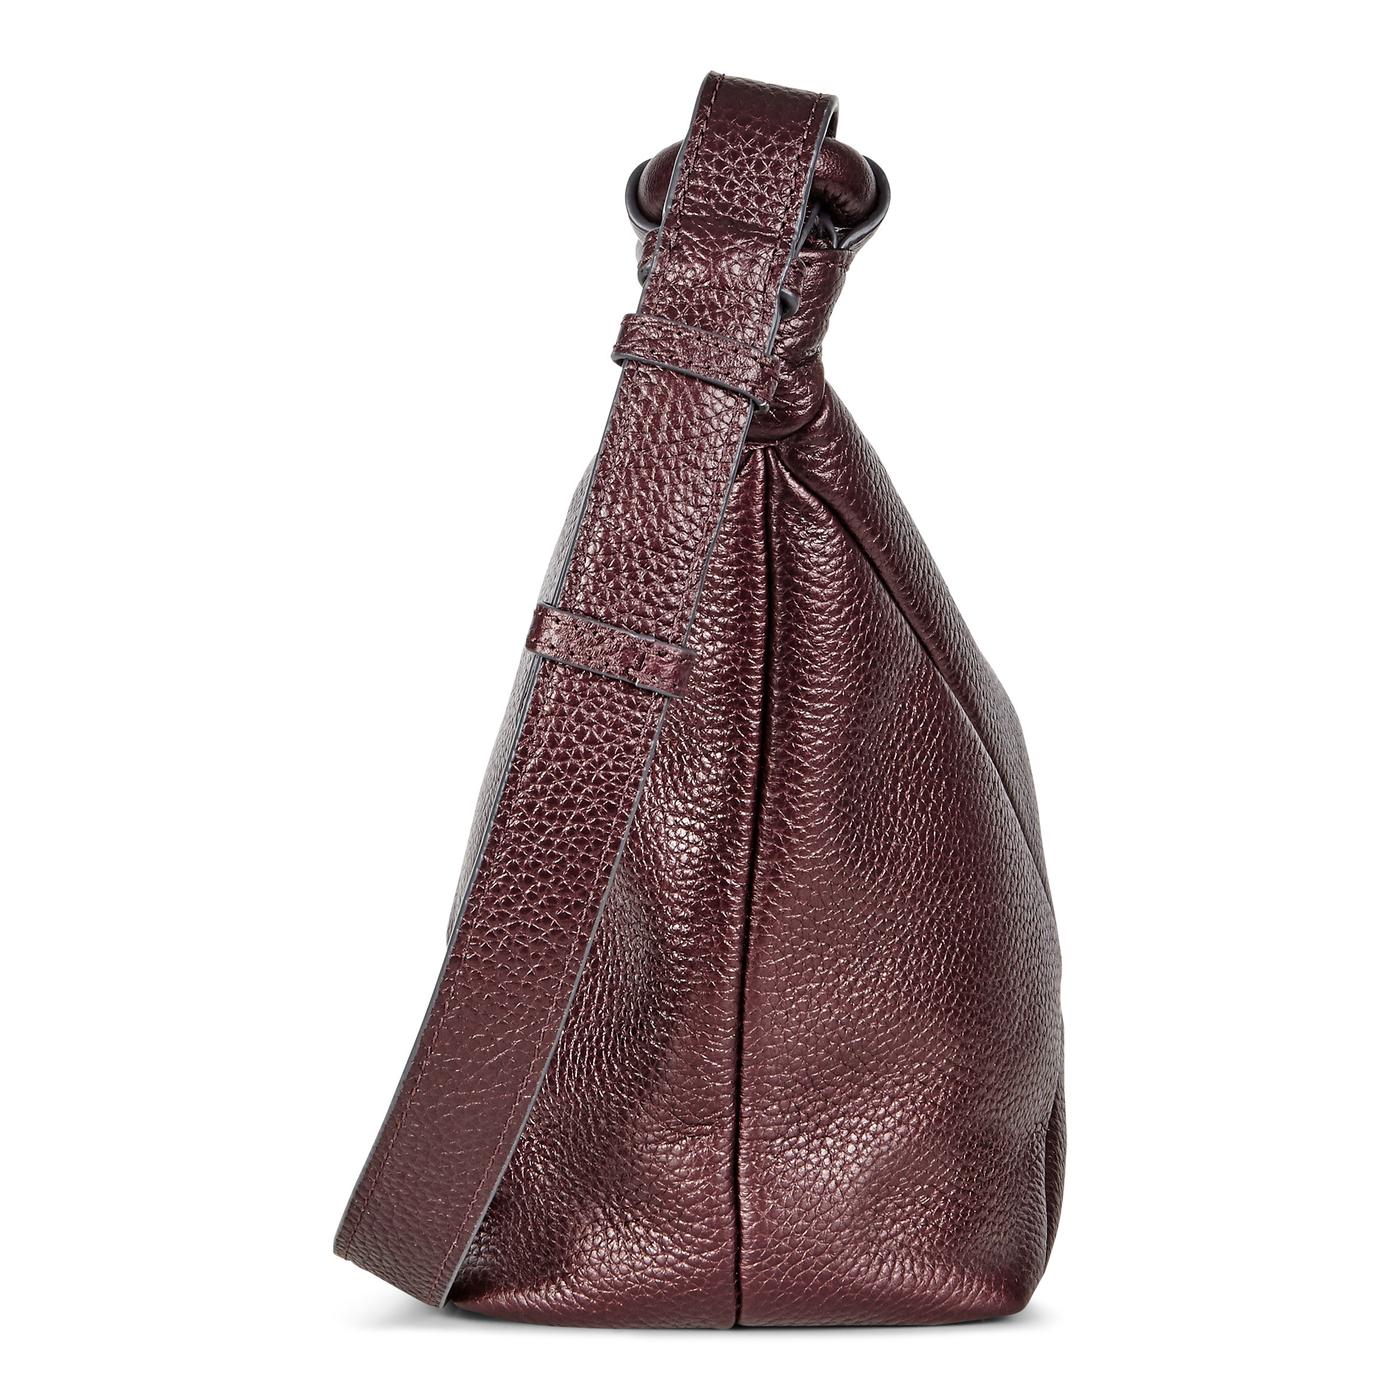 ECCO LINNEA Metallic Crossbody Bag